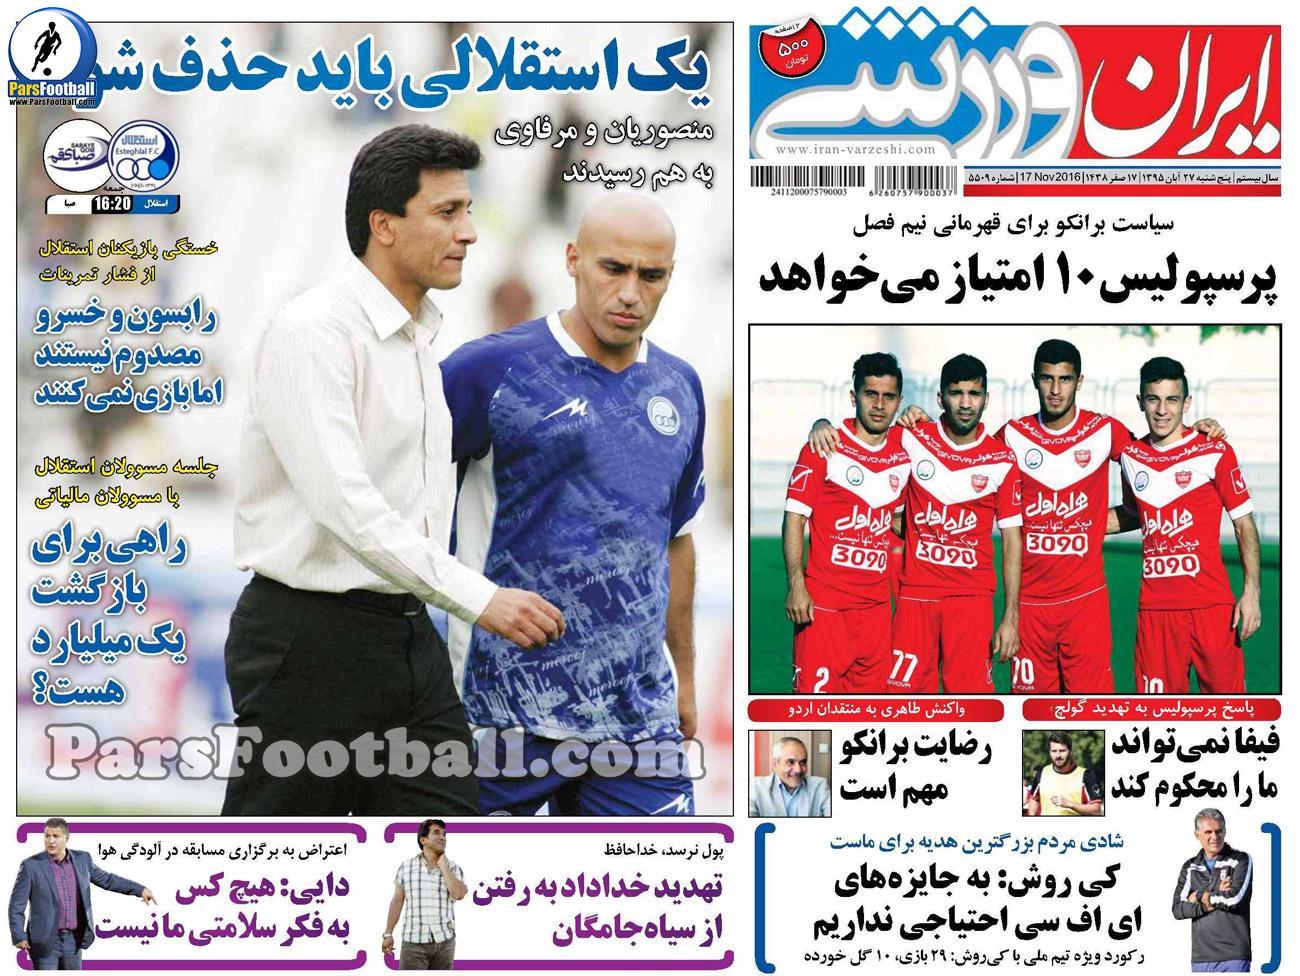 روزنامه ایران ورزشی پنجشنبه 27 آبان 95